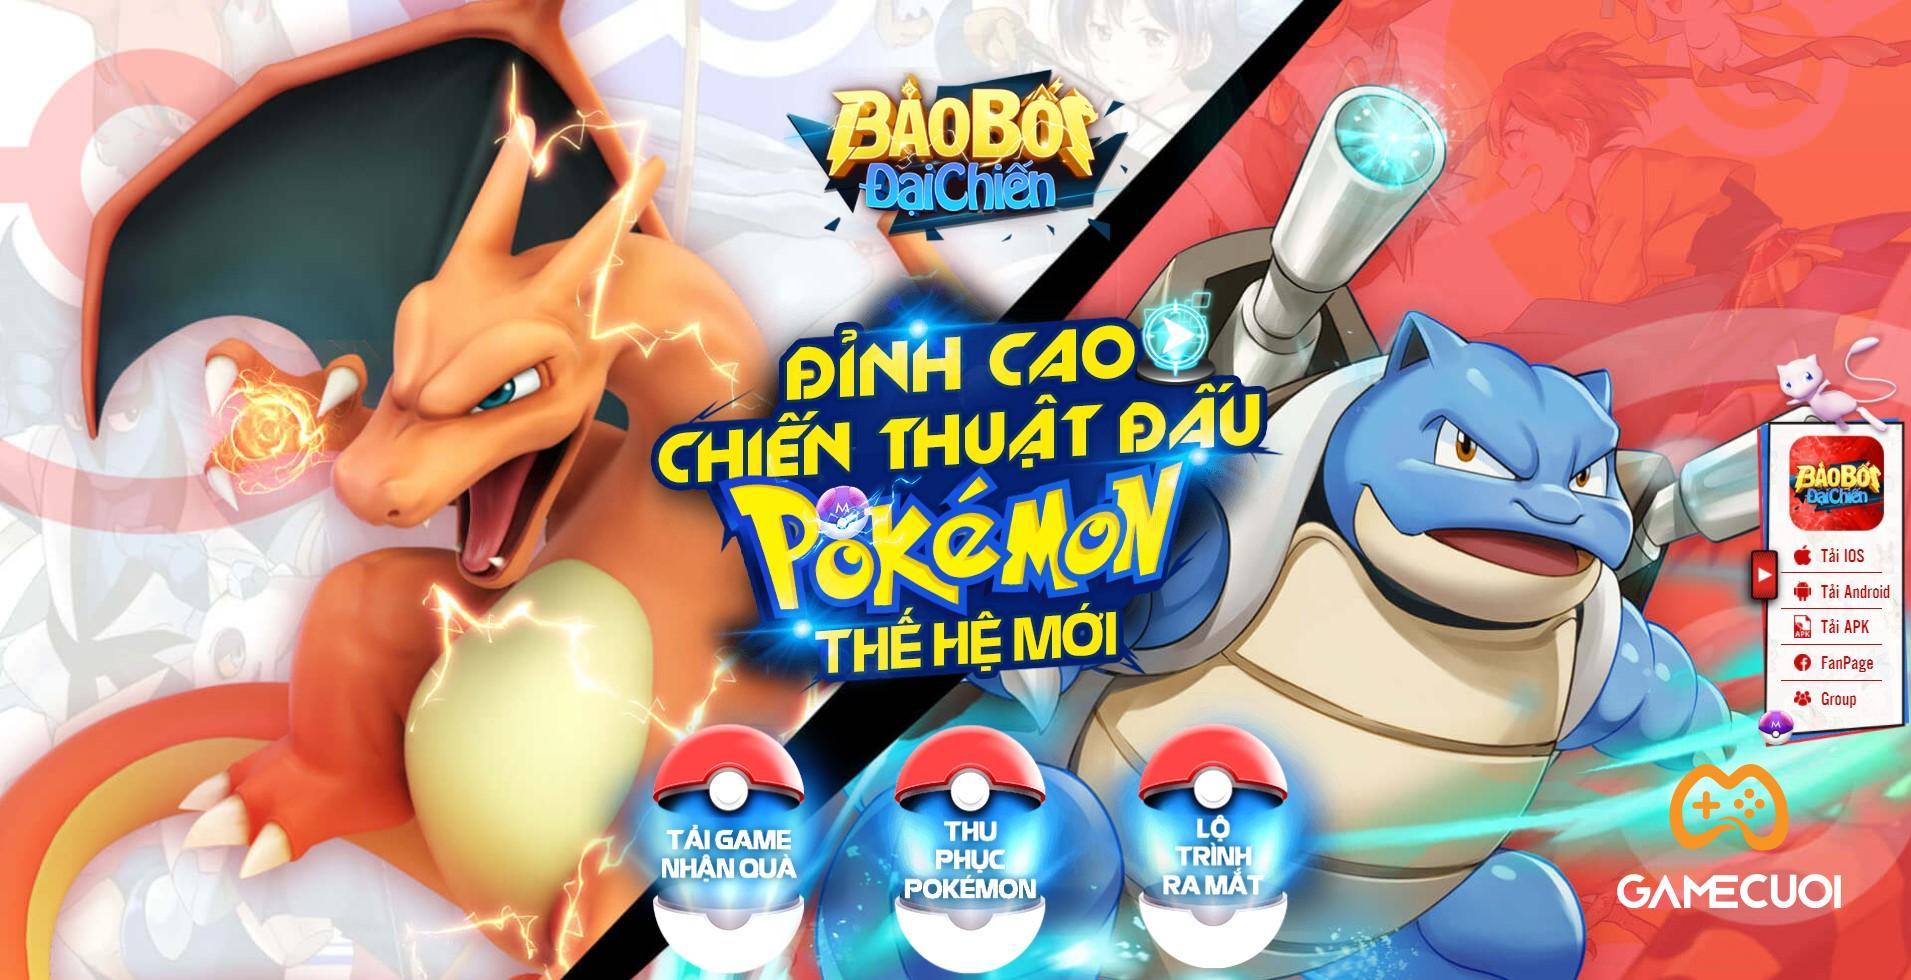 Bảo Bối Đại Chiến – Game đấu Pokémon thế hệ mới chính thức mở Landing, cho phép game thủ tải sớm nhận quà!